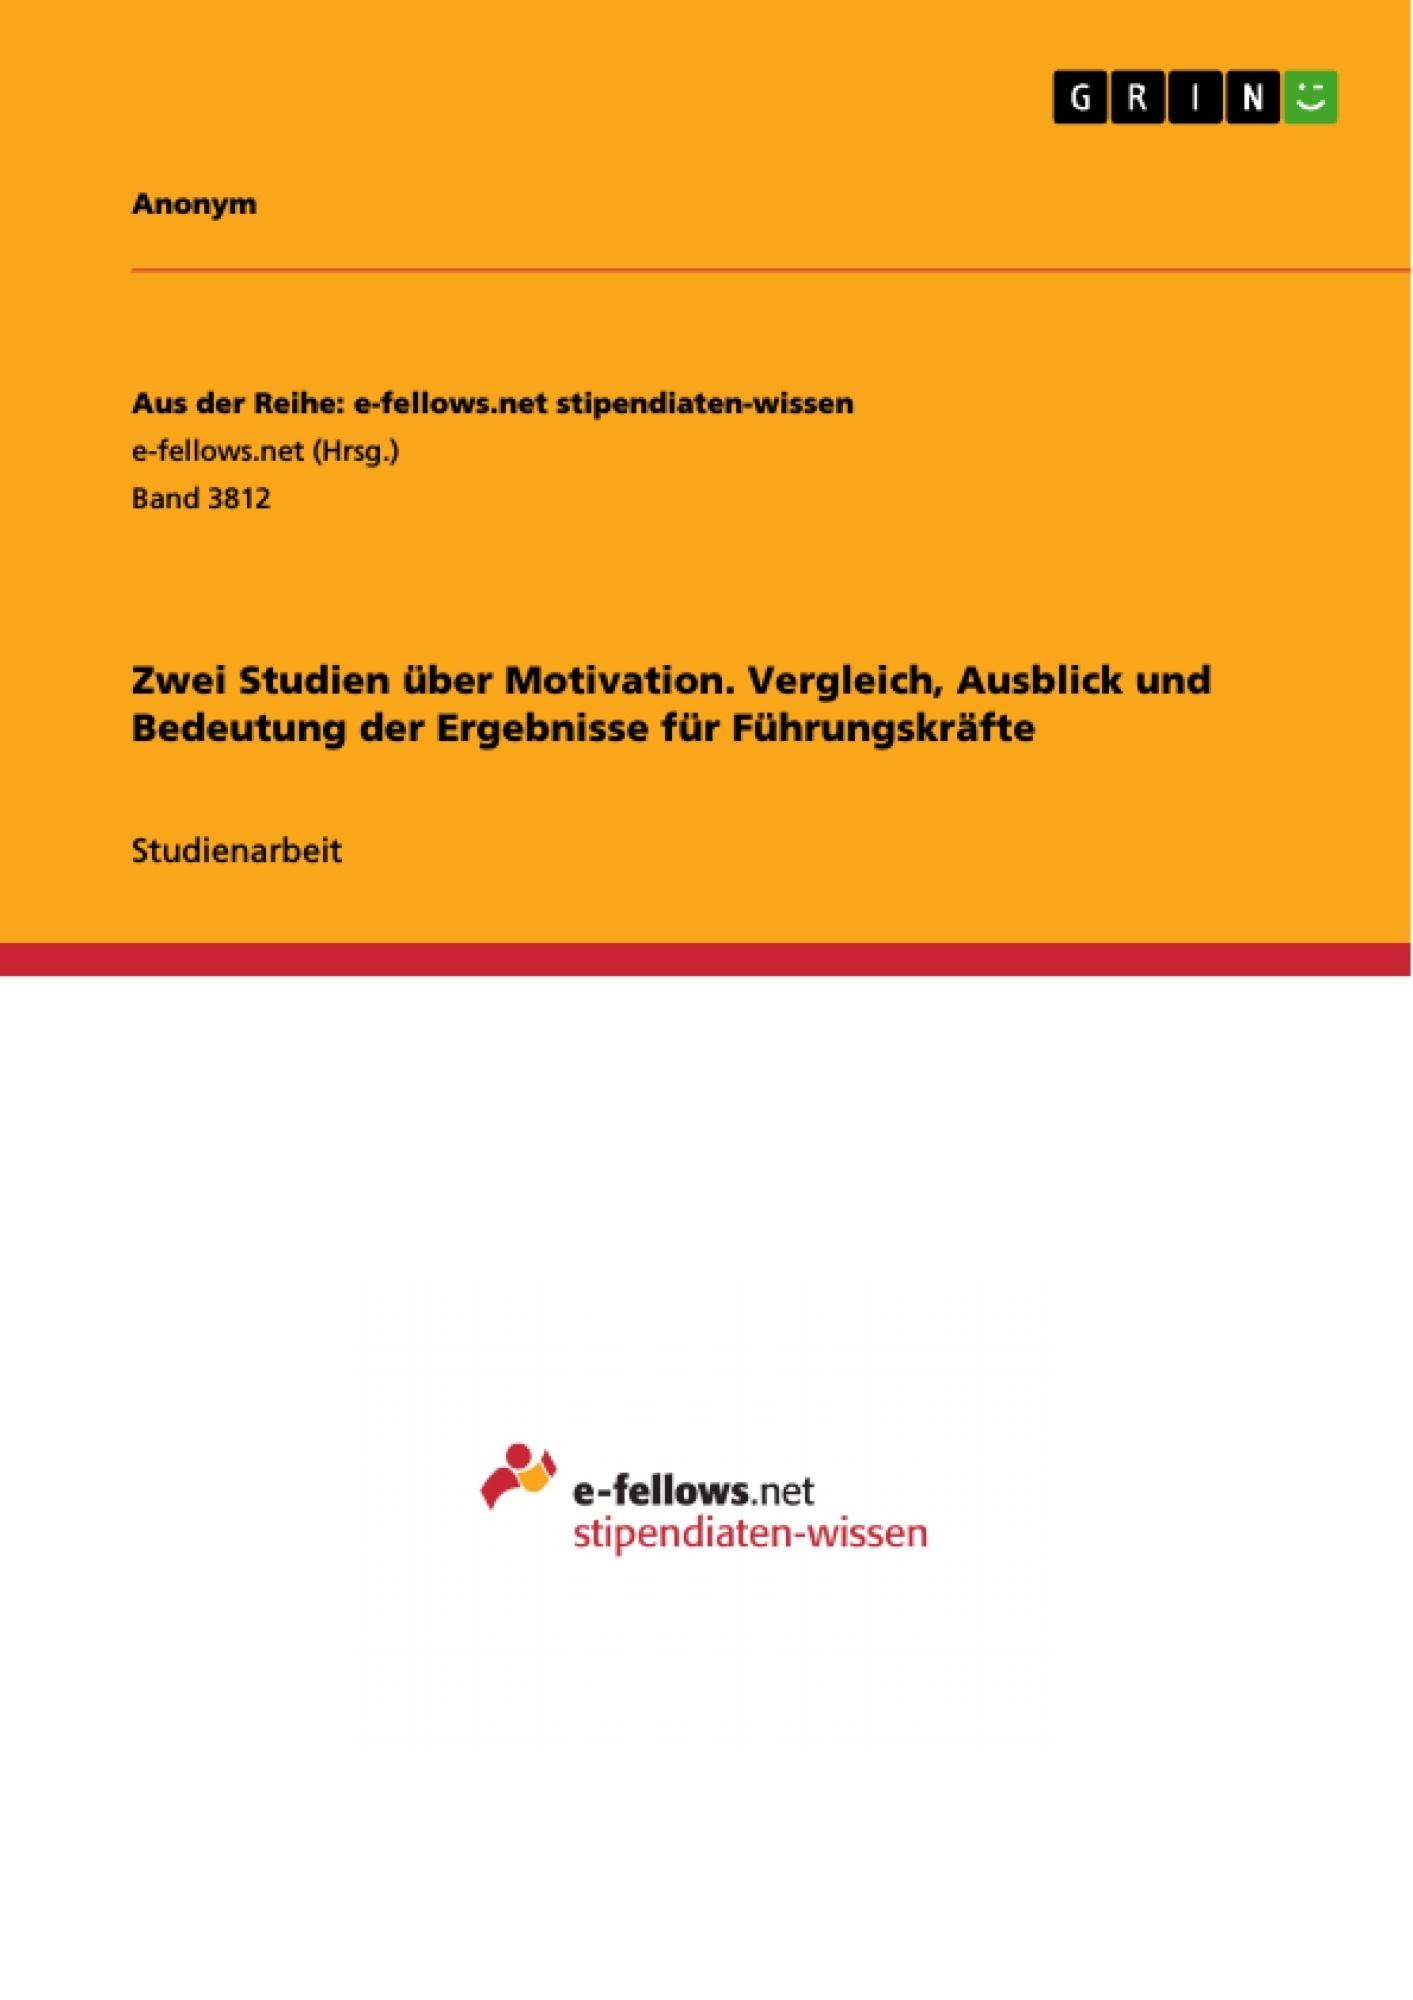 Titel: Zwei Studien über Motivation. Vergleich, Ausblick und Bedeutung der Ergebnisse für Führungskräfte